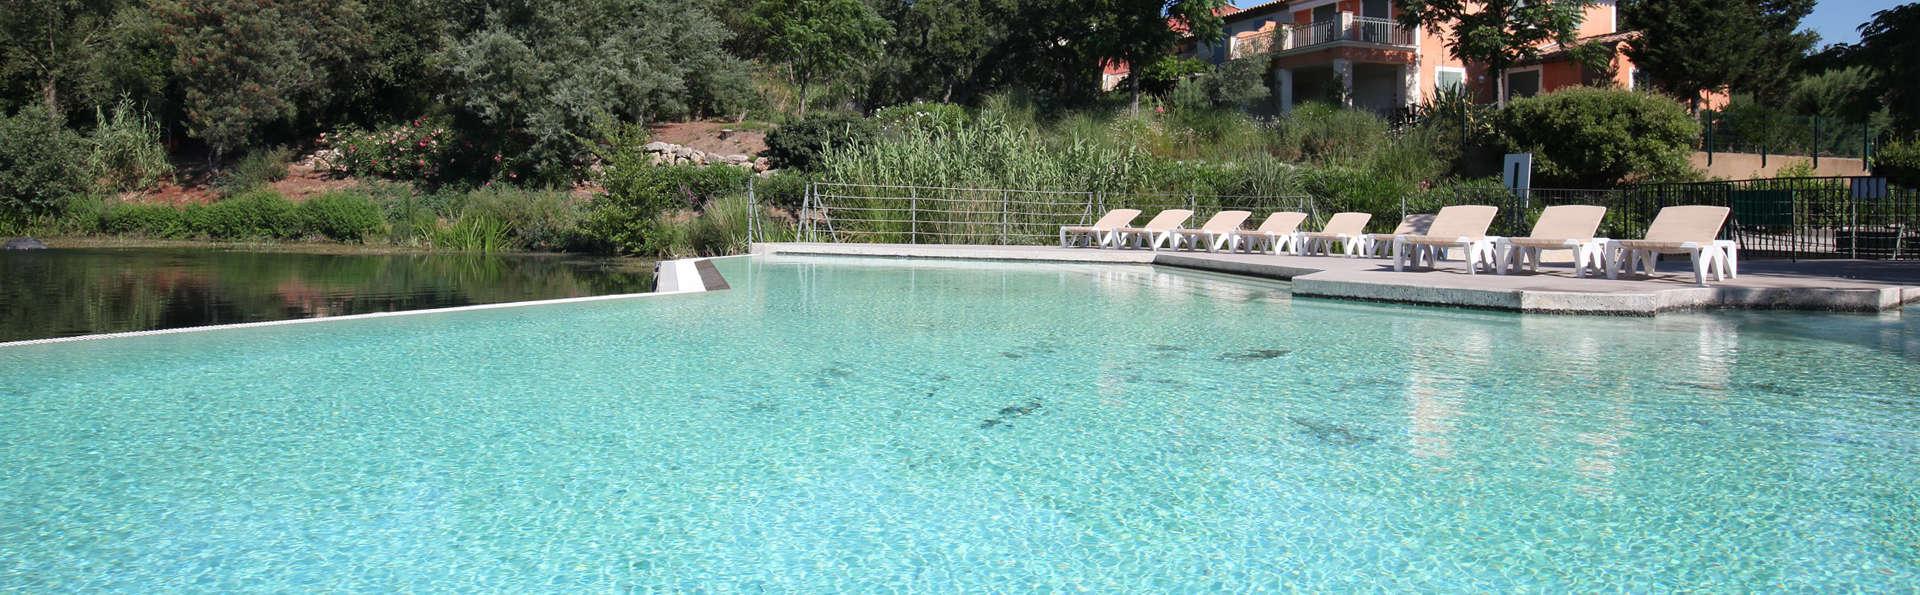 Pierre et Vacances Village Les Restanques - Edit_Pool3.jpg